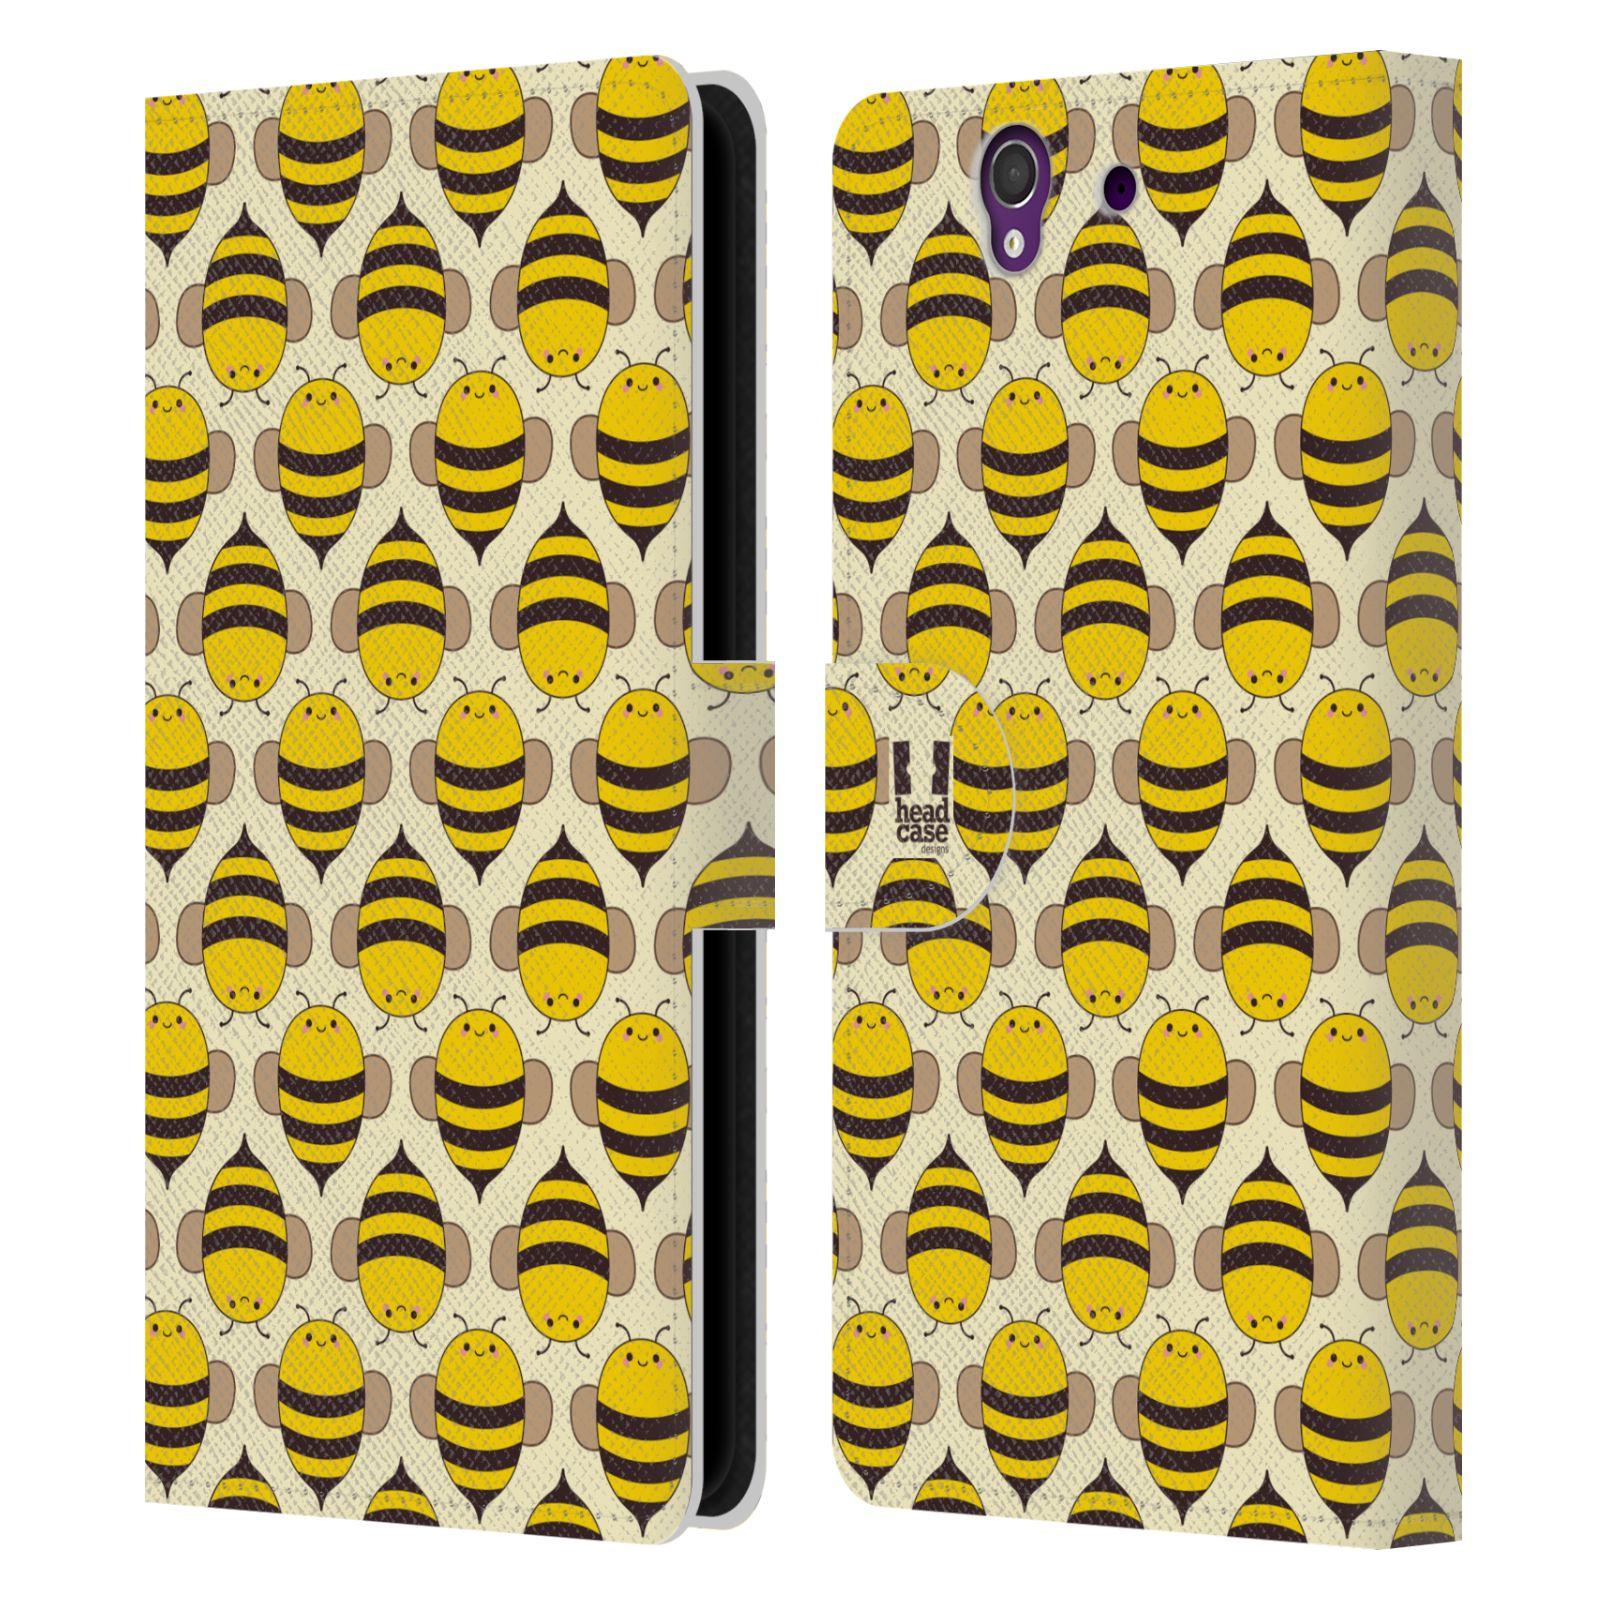 HEAD CASE Flipové pouzdro pro mobil SONY XPERIA Z (C6603) VČELÍ VZOR kolonie včelek